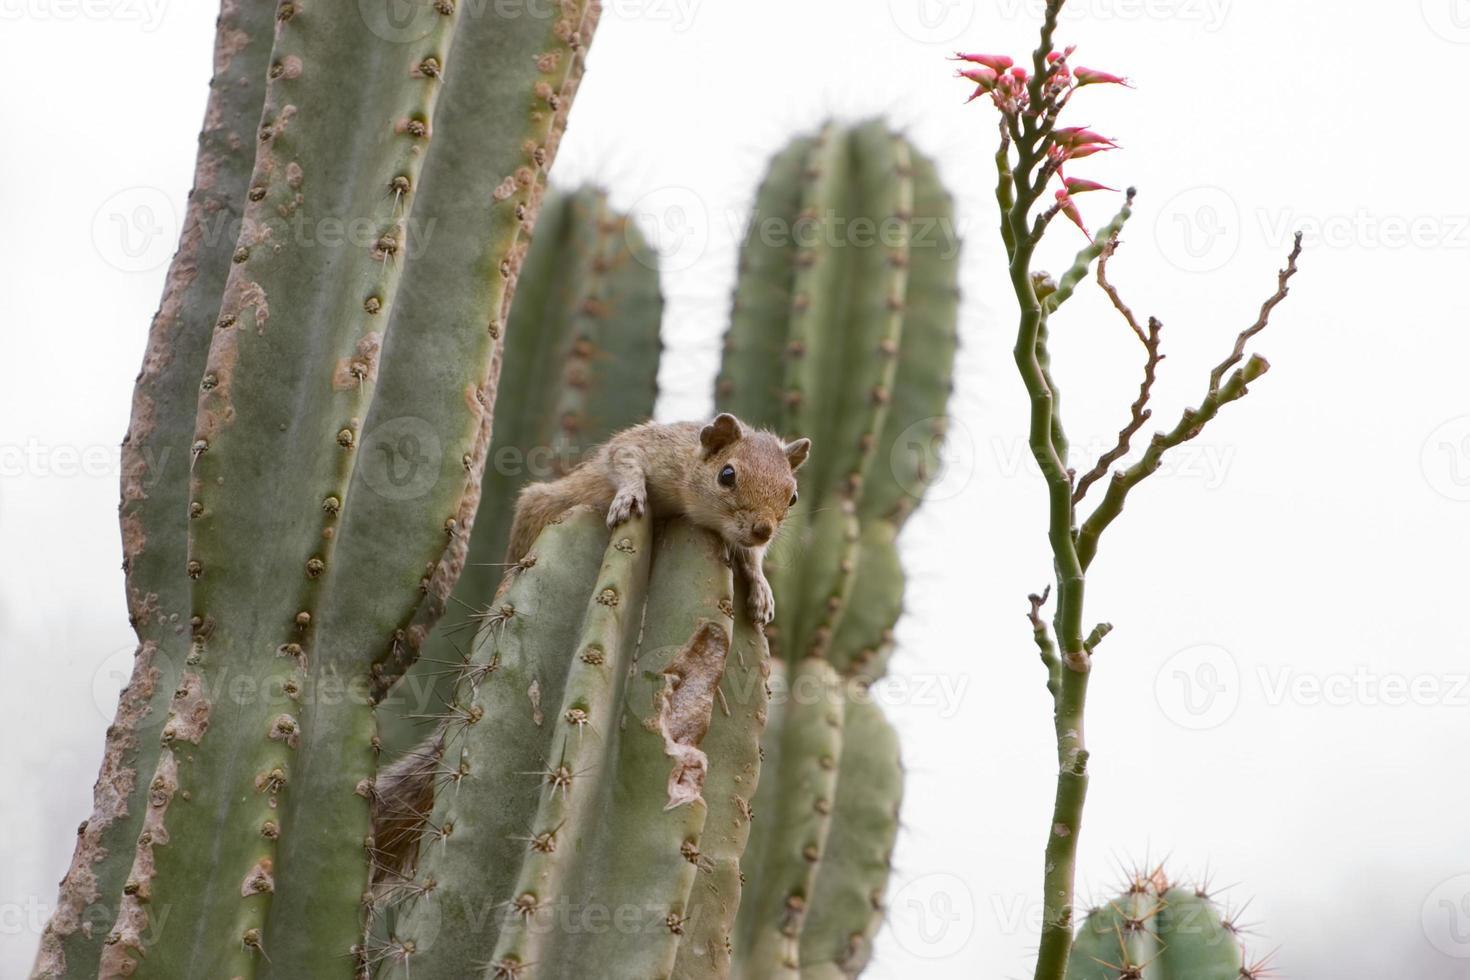 ekorre på kaktusväxt foto